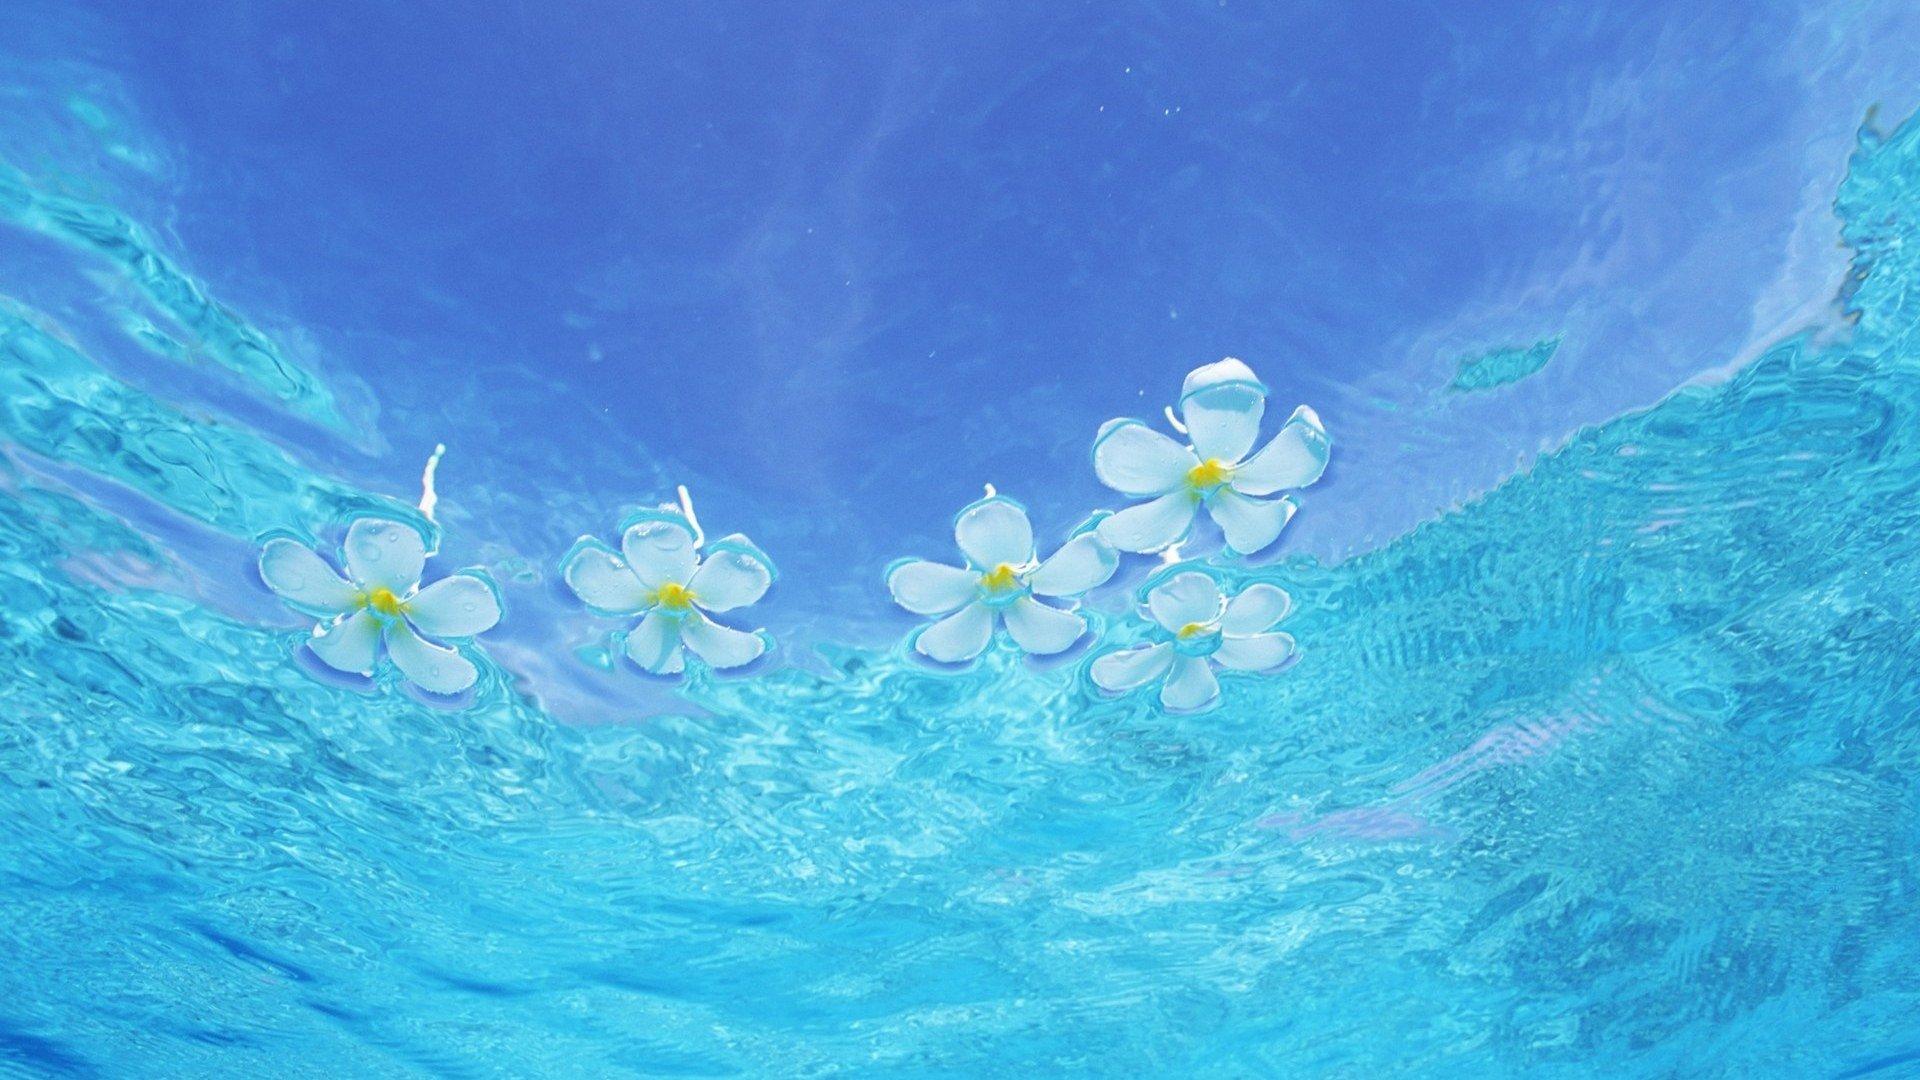 Earth - Water  Wallpaper